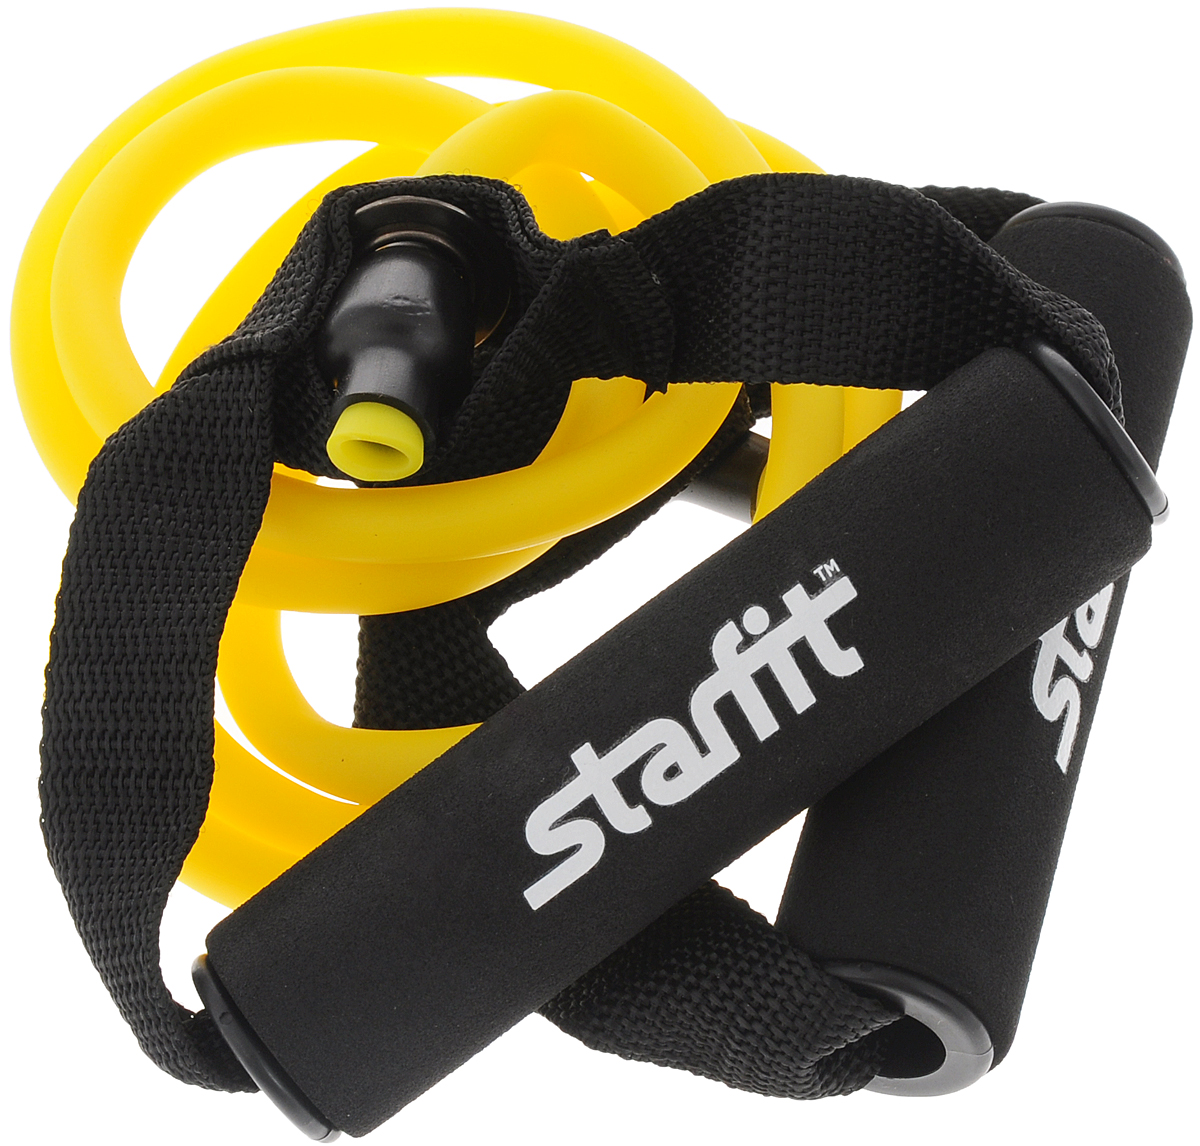 Эспандер многофункциональный Starfit ES-602, 0,6 х 0,9 х 140 см эспандер многофункциональный starfit es 602 0 4 х 1 4 х 140 см